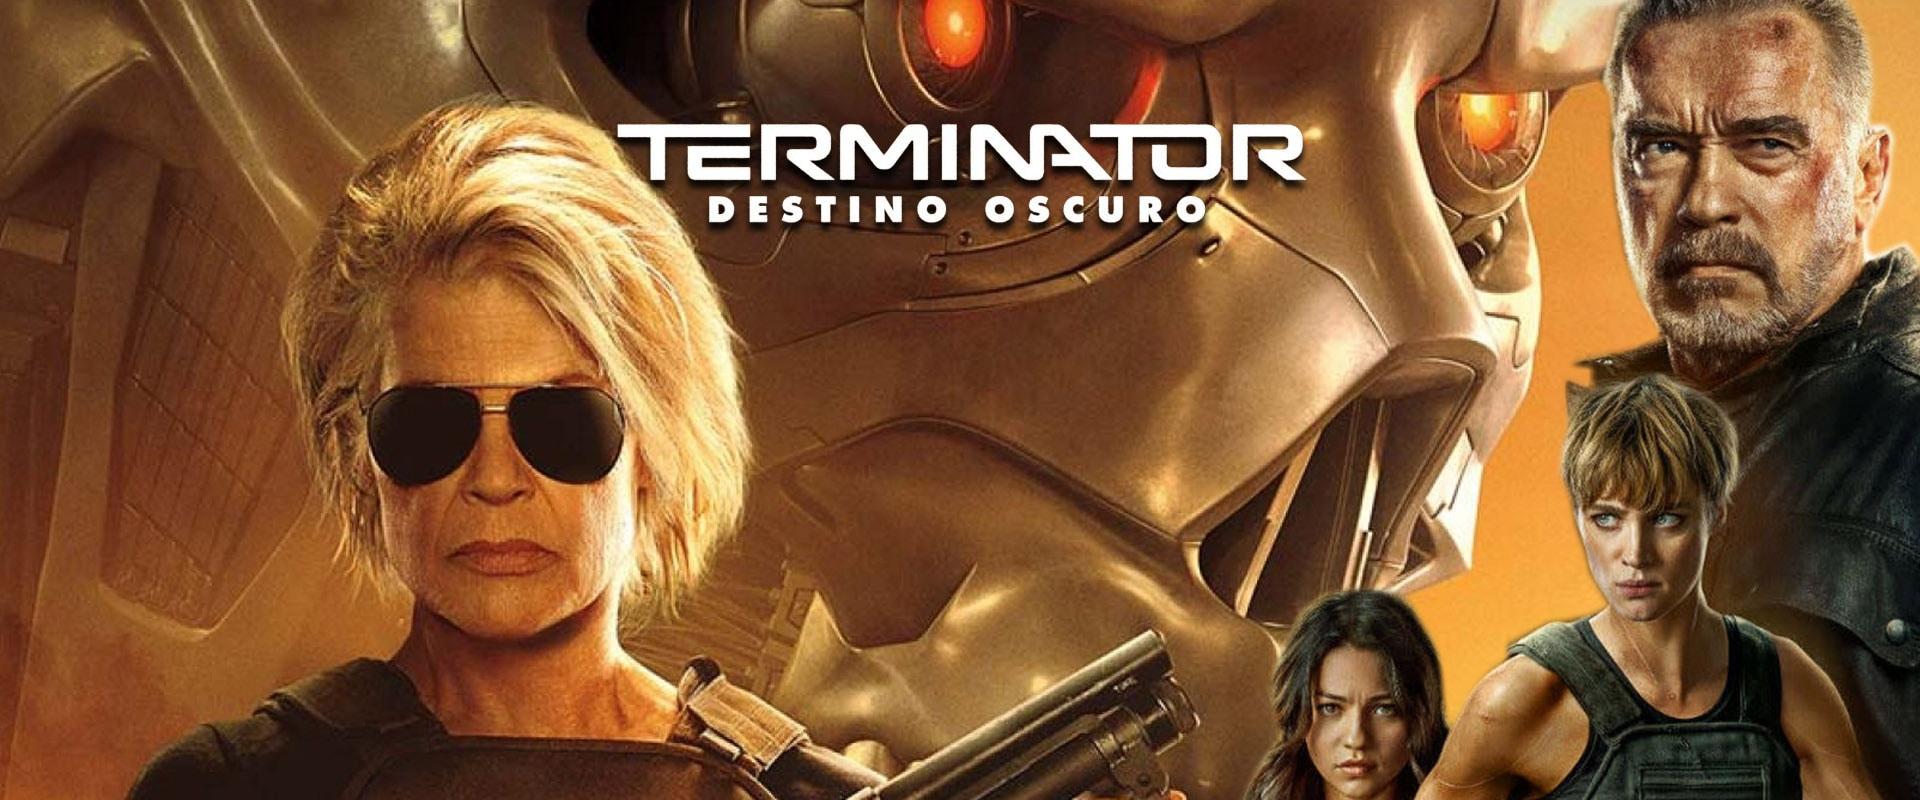 Redmi Note 8 Pro protagonista di numerose iniziative in vista del lancio di Terminator: Destino Oscuro